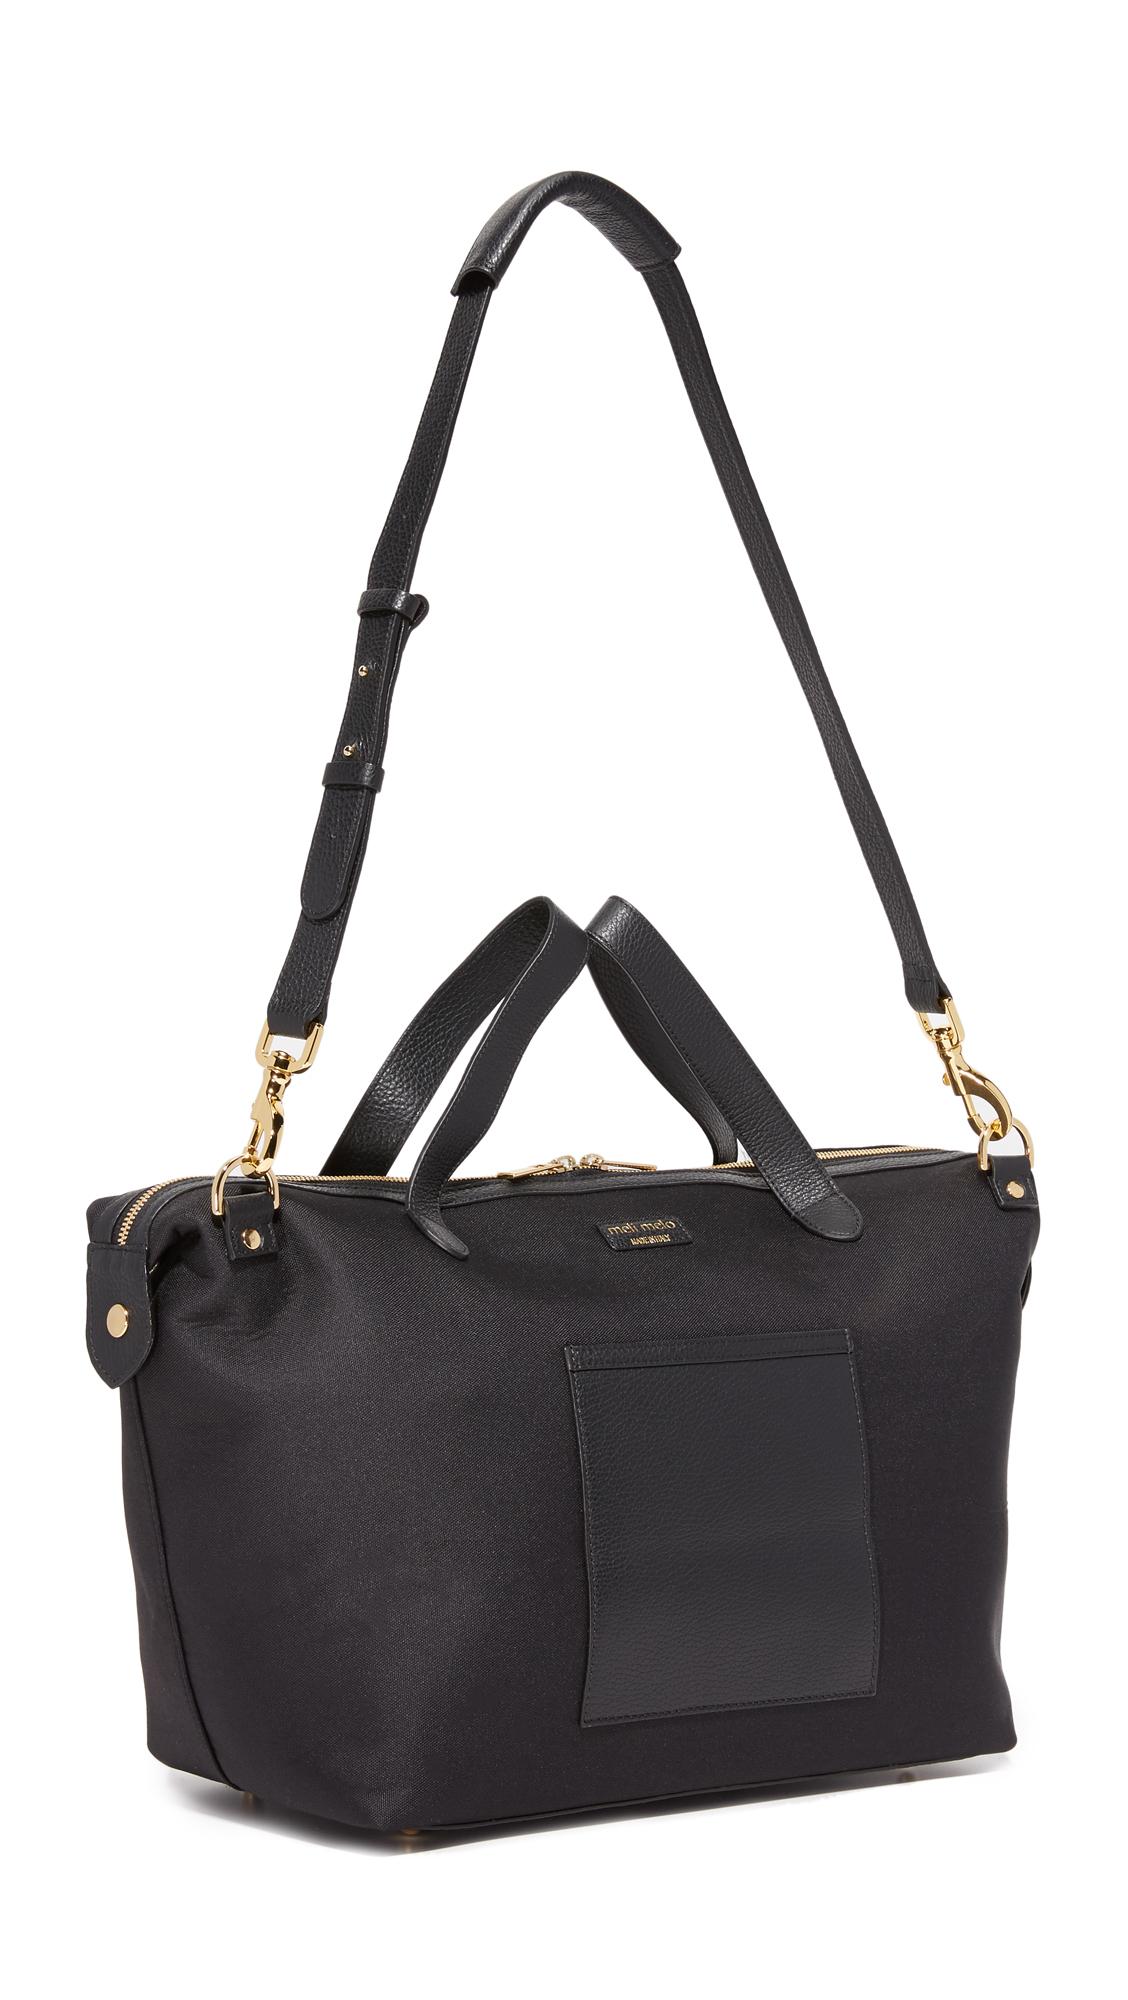 meli melo large thela weekender bag in black lyst. Black Bedroom Furniture Sets. Home Design Ideas